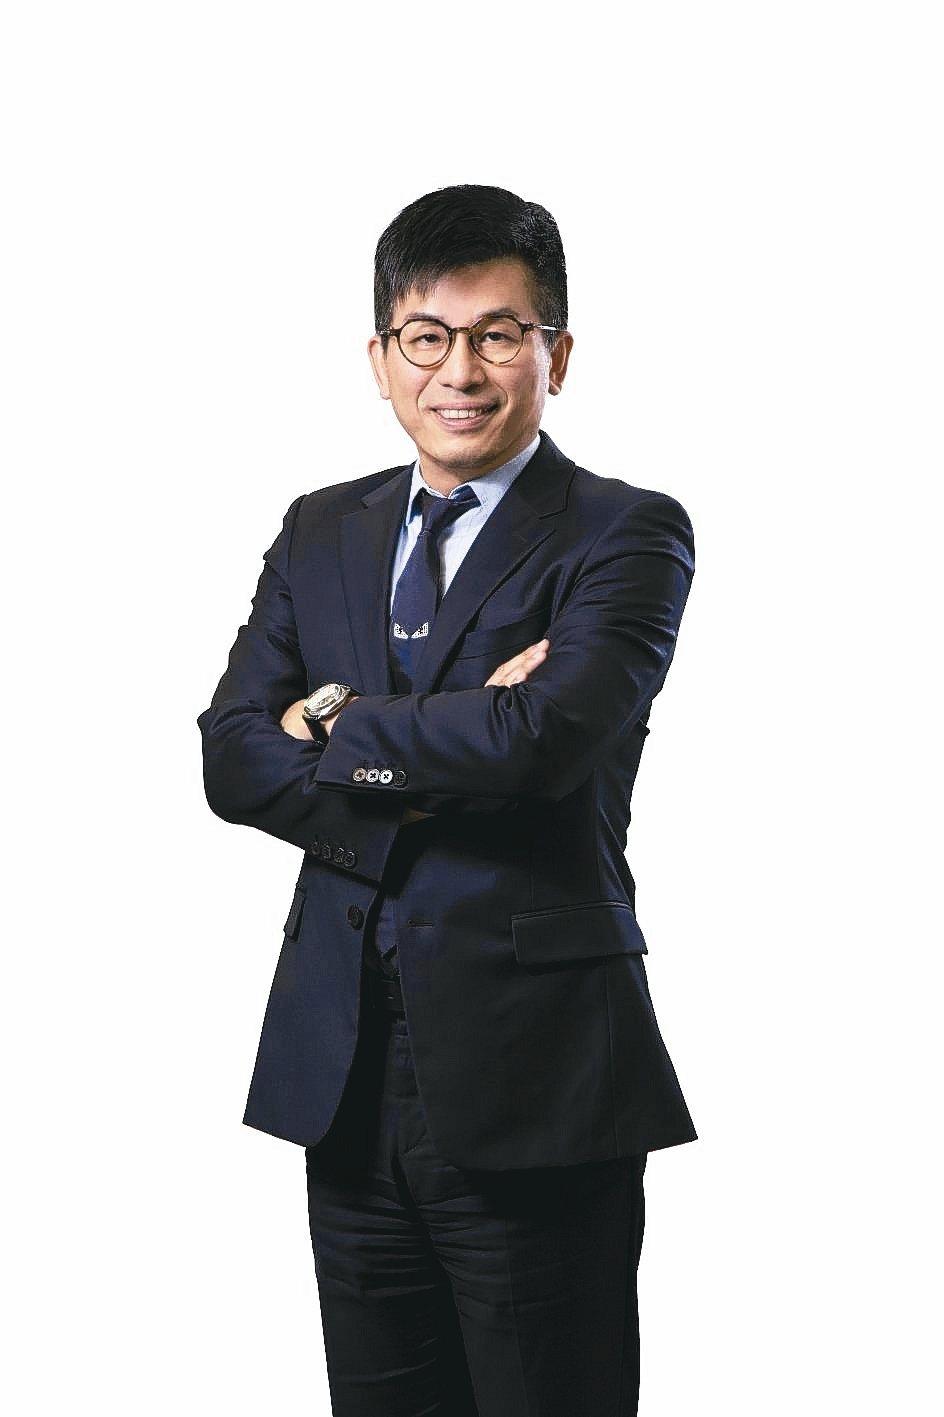 富蘭克林華美目標2037組合基金經理人邱良弼。 富蘭克林華美投信/提供